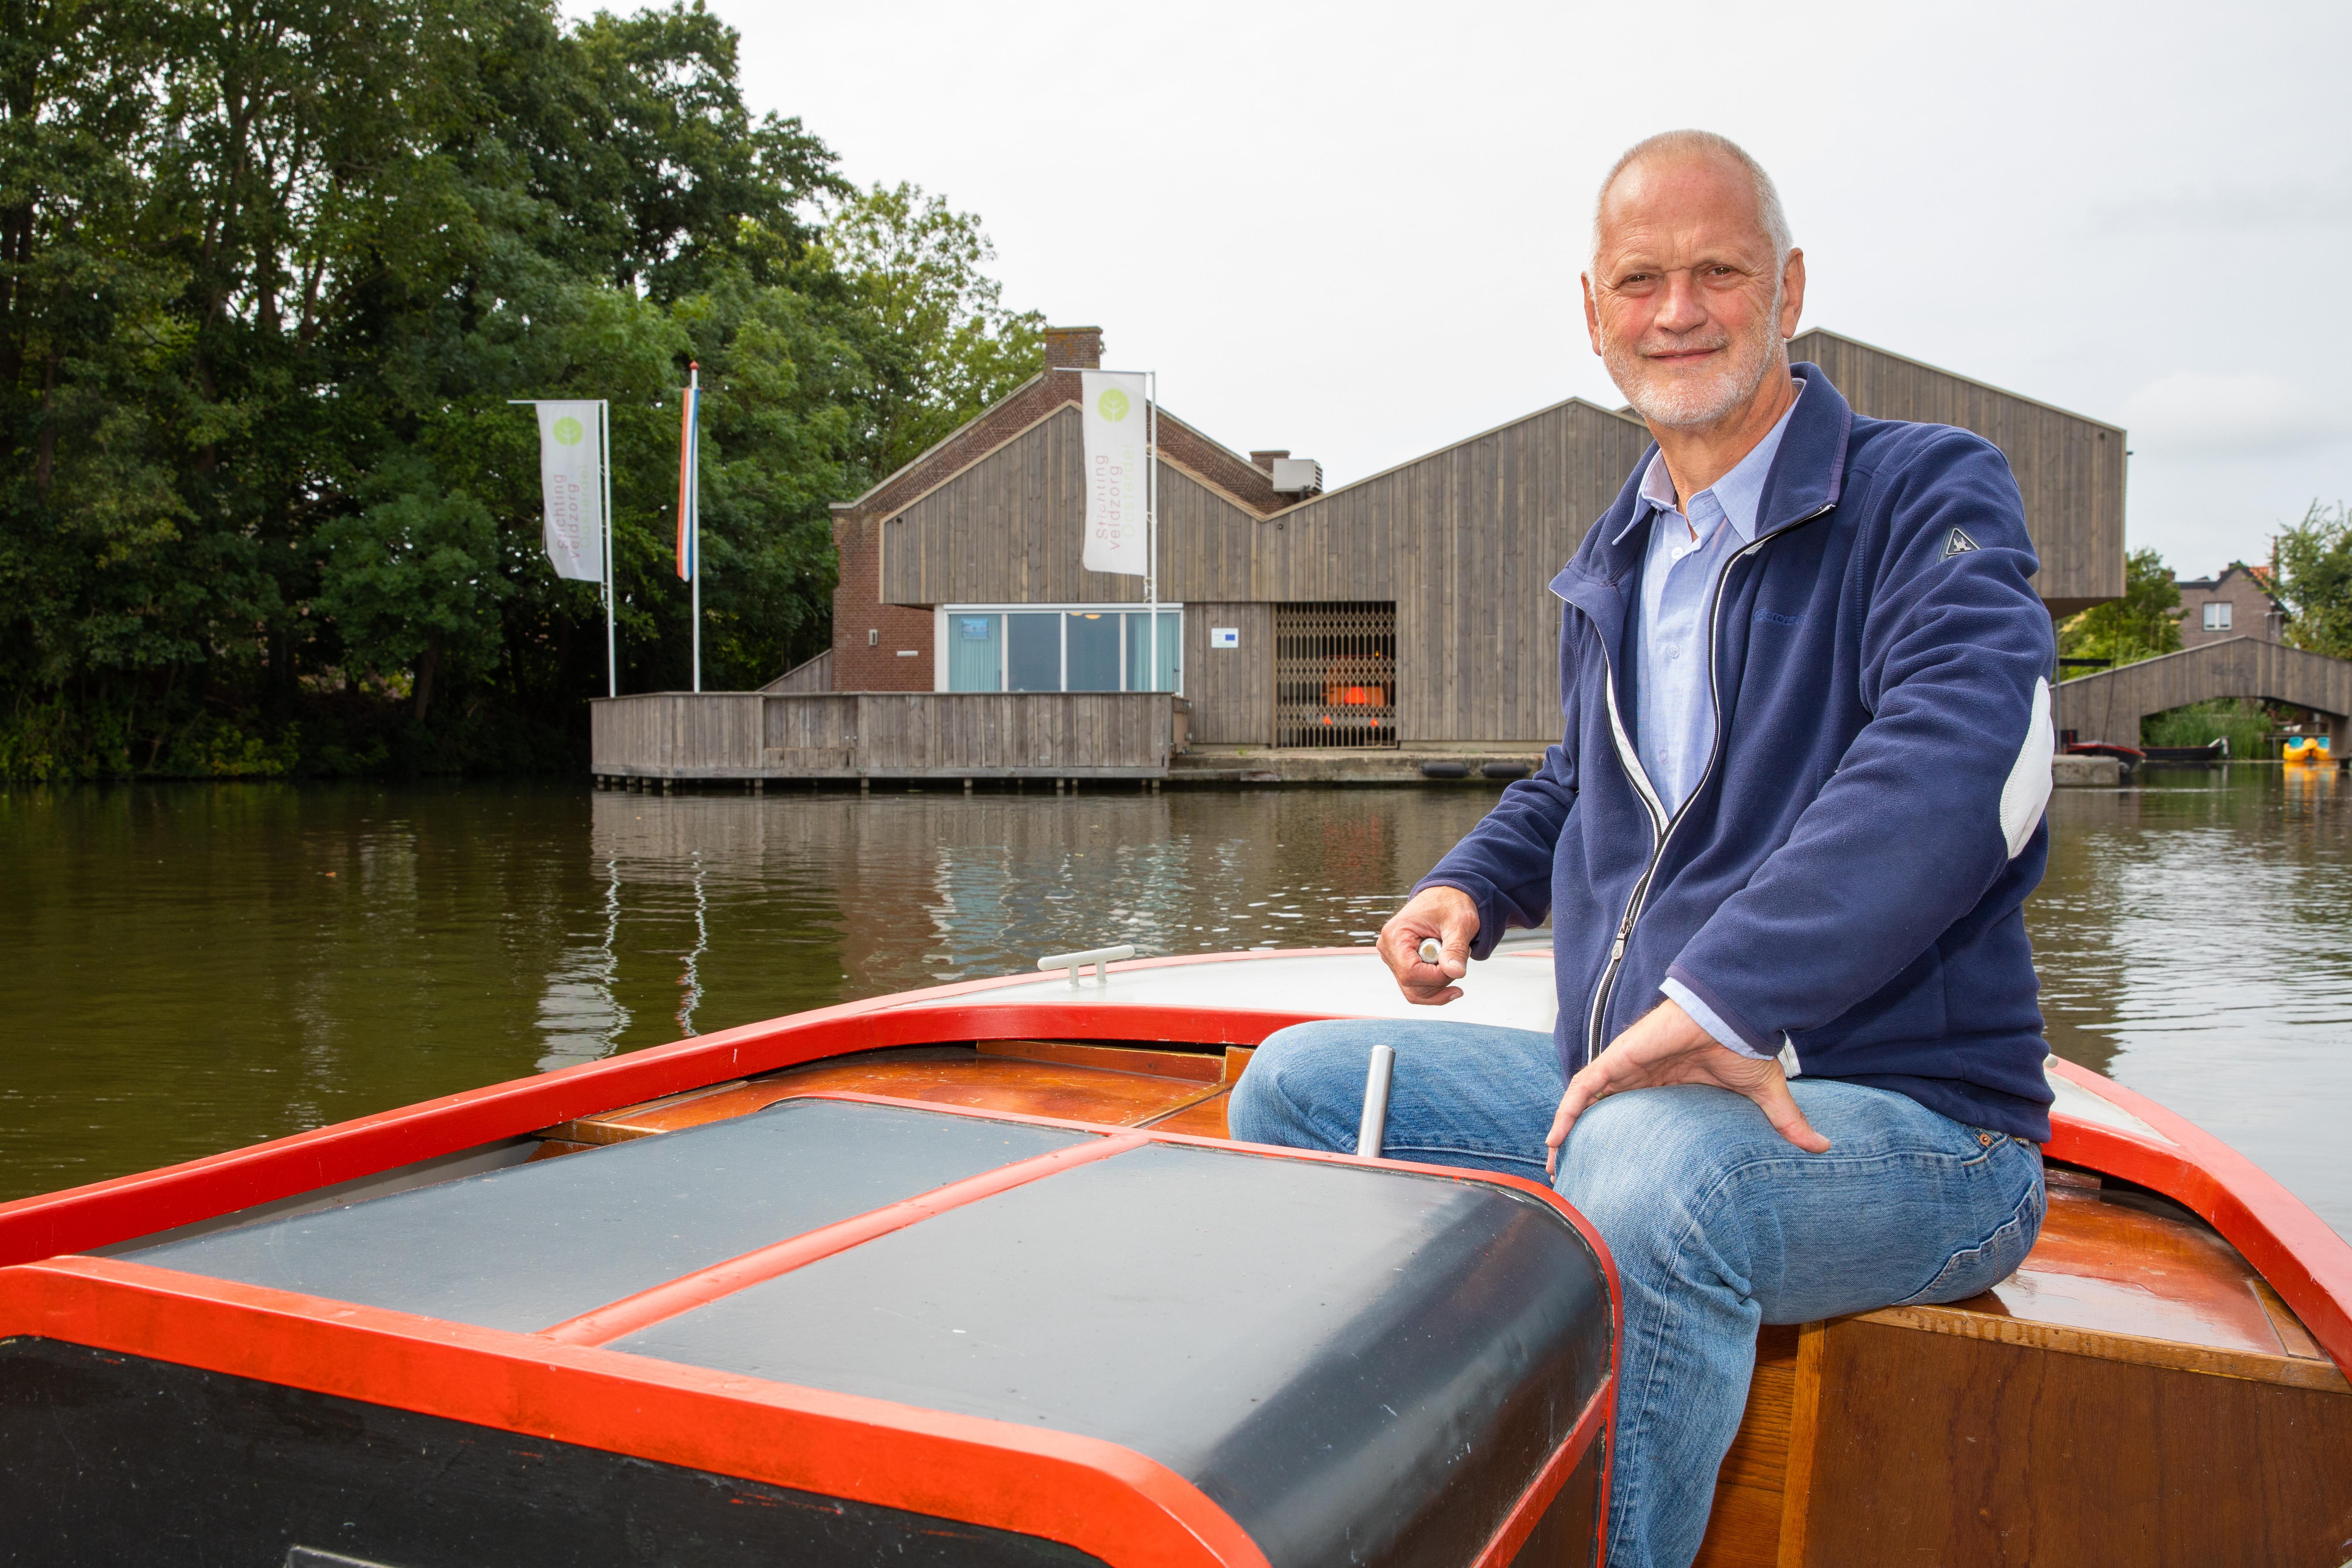 Gerrit Arkesteijn, voorzitter van stichting Veldzorg Oosterdel, met op de achtergrond het gebouw van Veldzorg. (Foto's Vincent de Vries/RM)